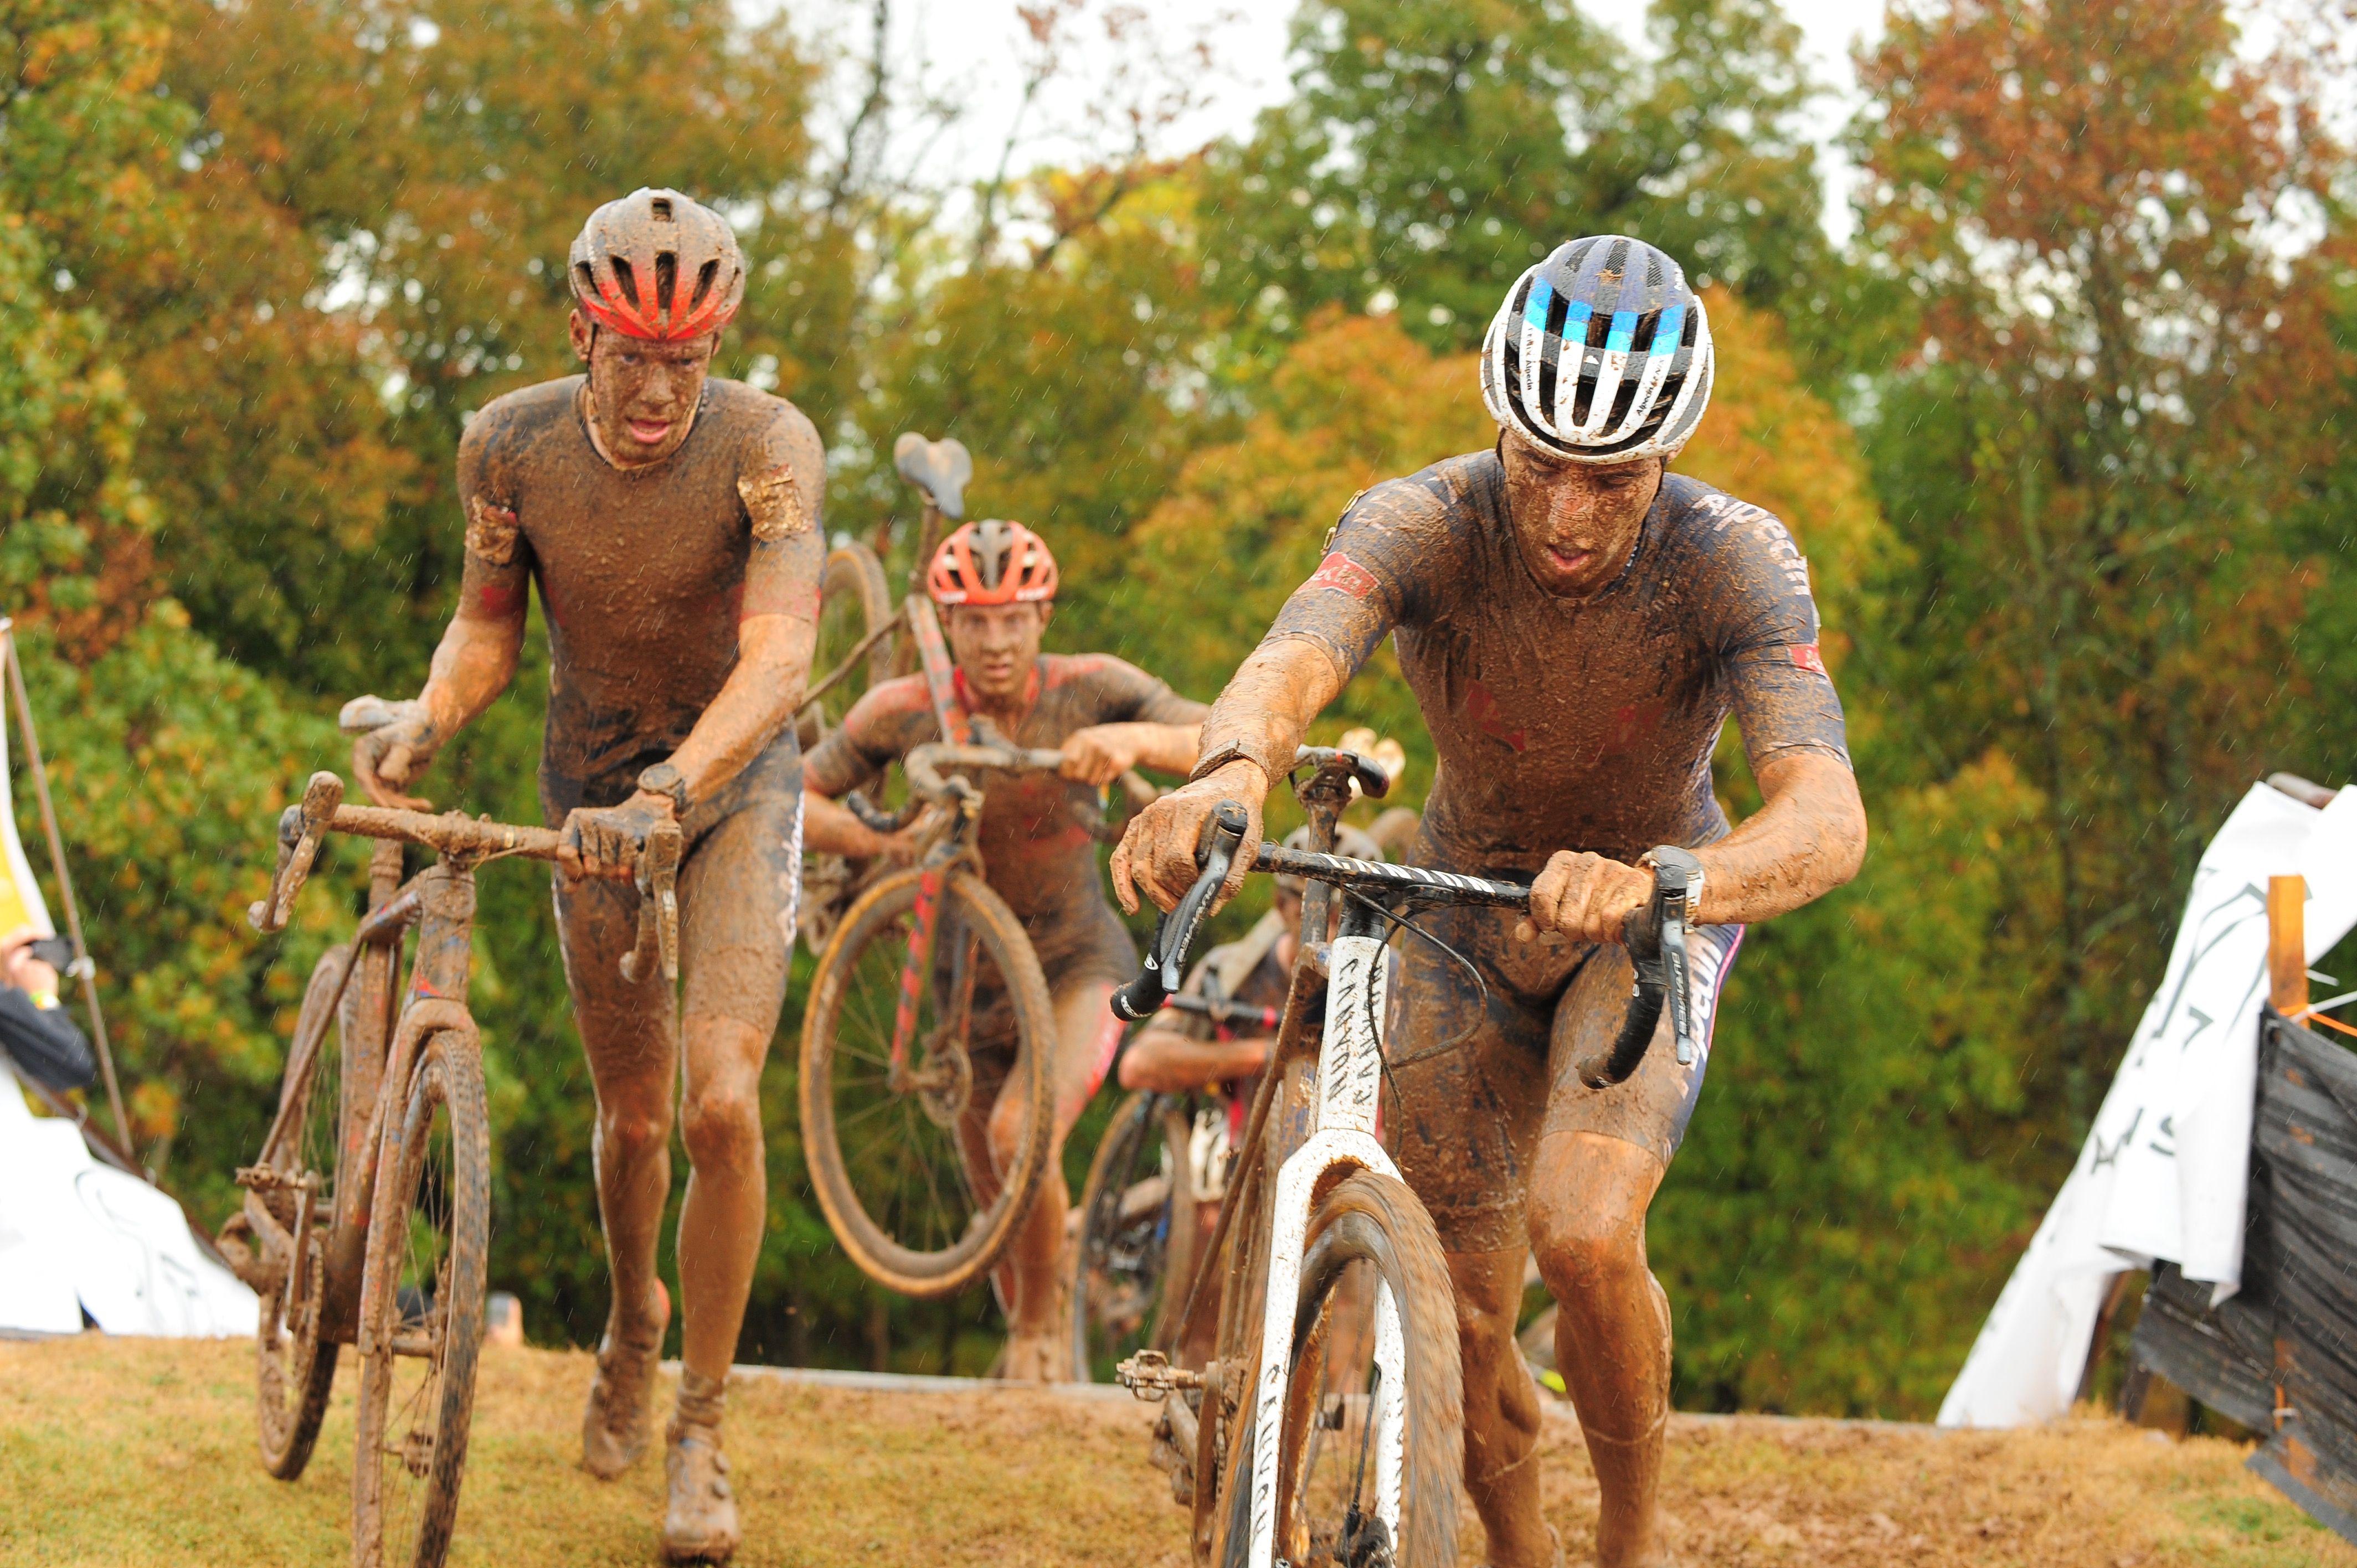 Photo of three muddy men getting on bikes.